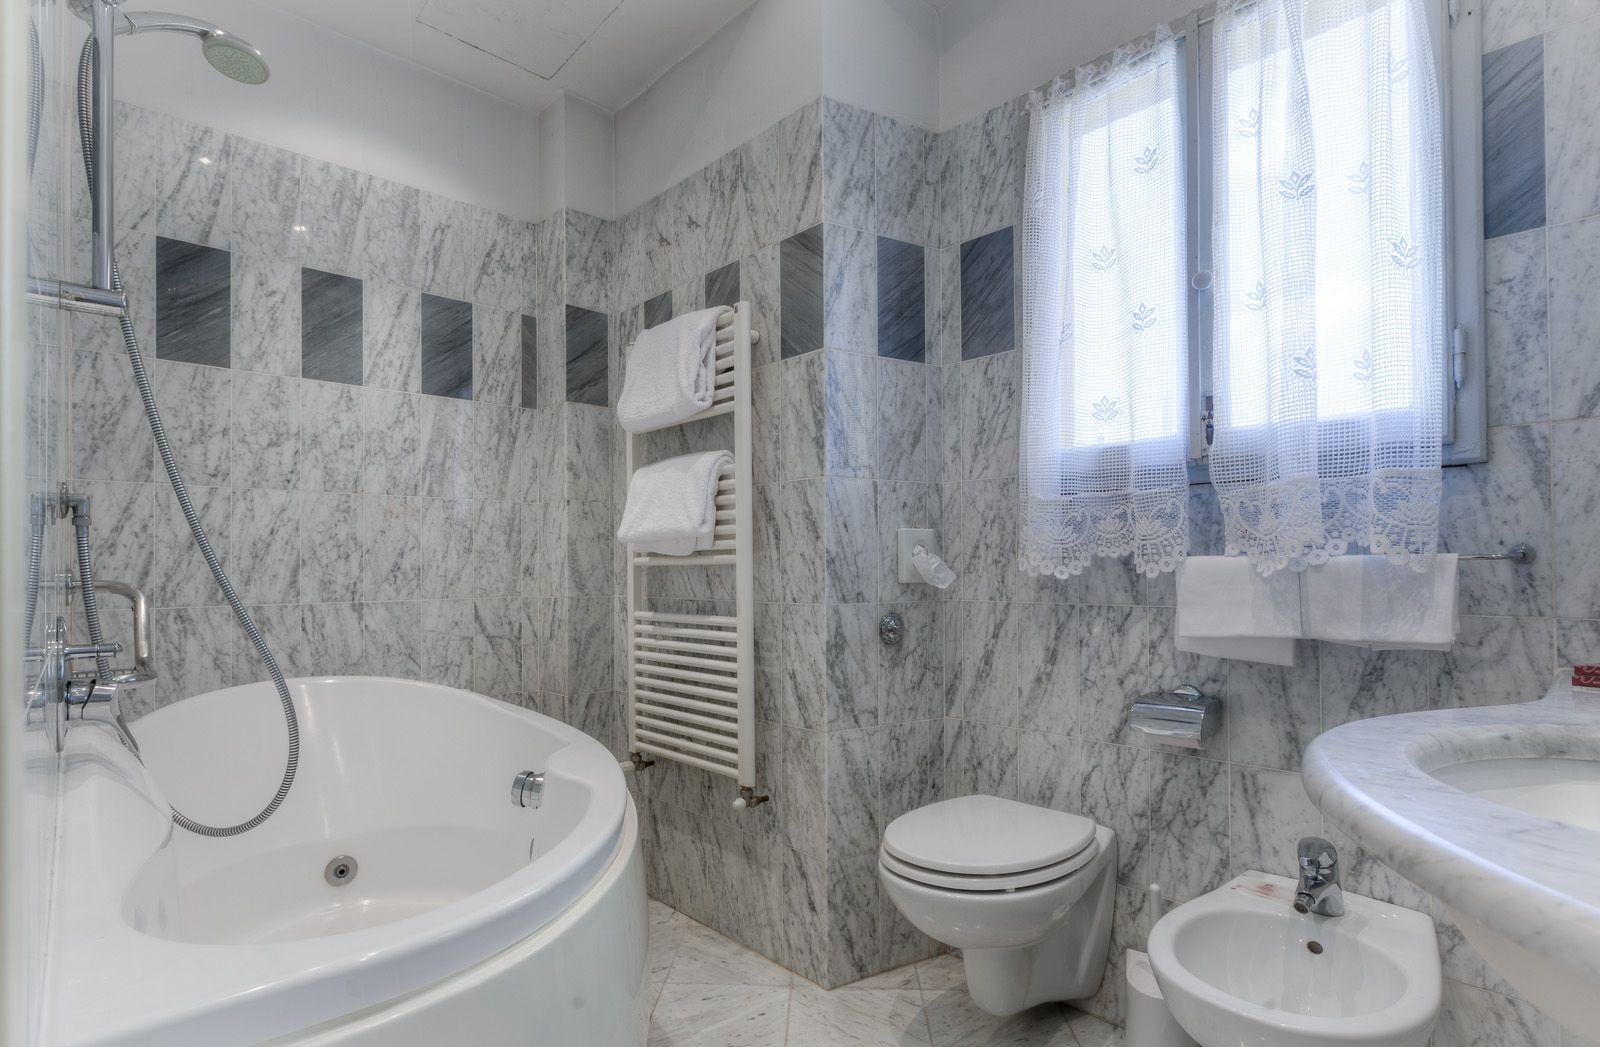 Jacuzzi bathroom (With images) | Jacuzzi bathroom ...